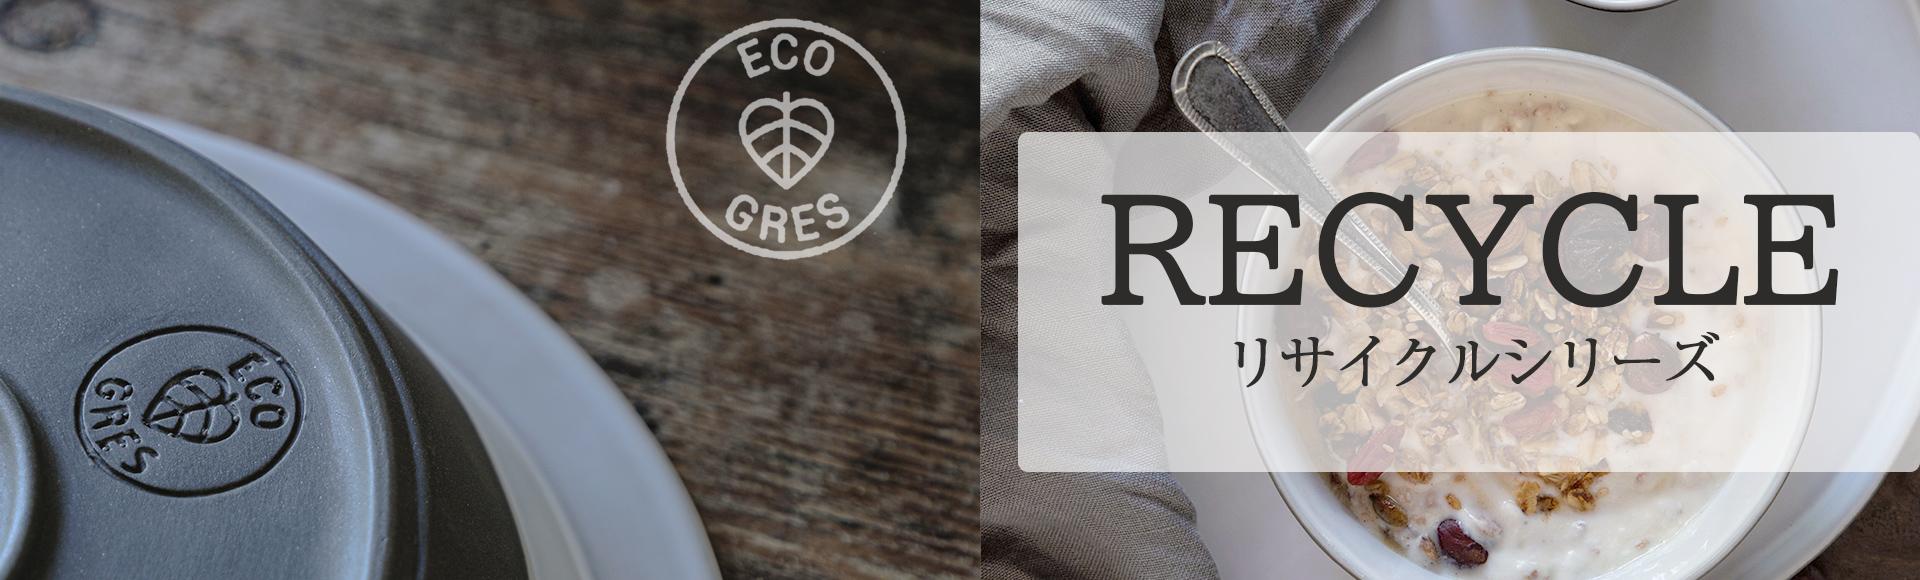 コスタ・ノバの自社工場ででた廃材を使ったエコグレスを使った、環境に配慮するリサイクルシリーズ。黒い陶土がモダンな印象のシリーズがそろいます。